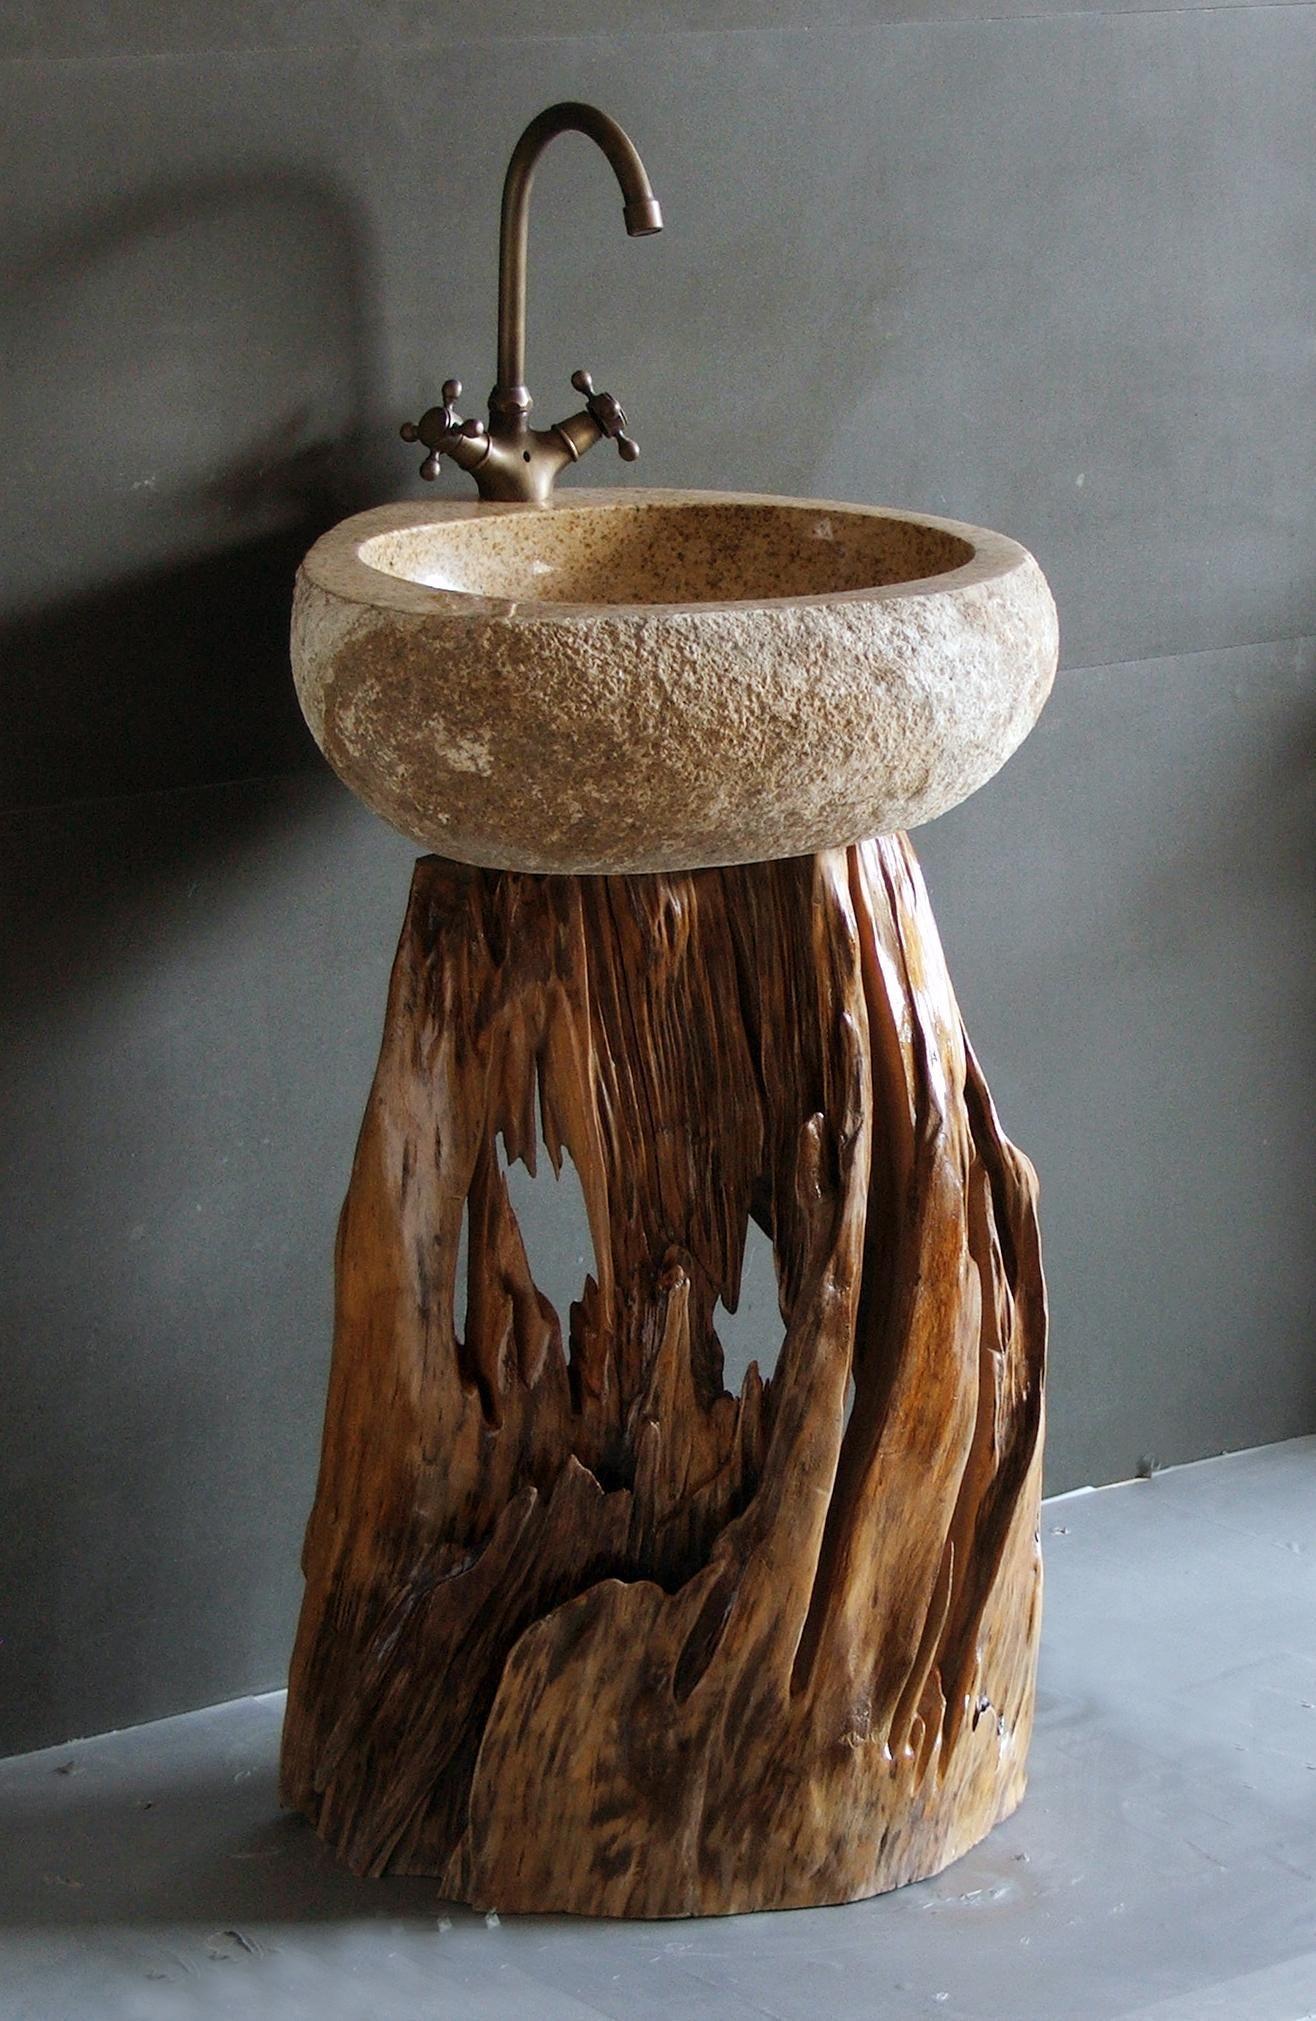 Pin de pilar calle en hostalito pinterest ba os for Bajo gabinete tocador bano de madera